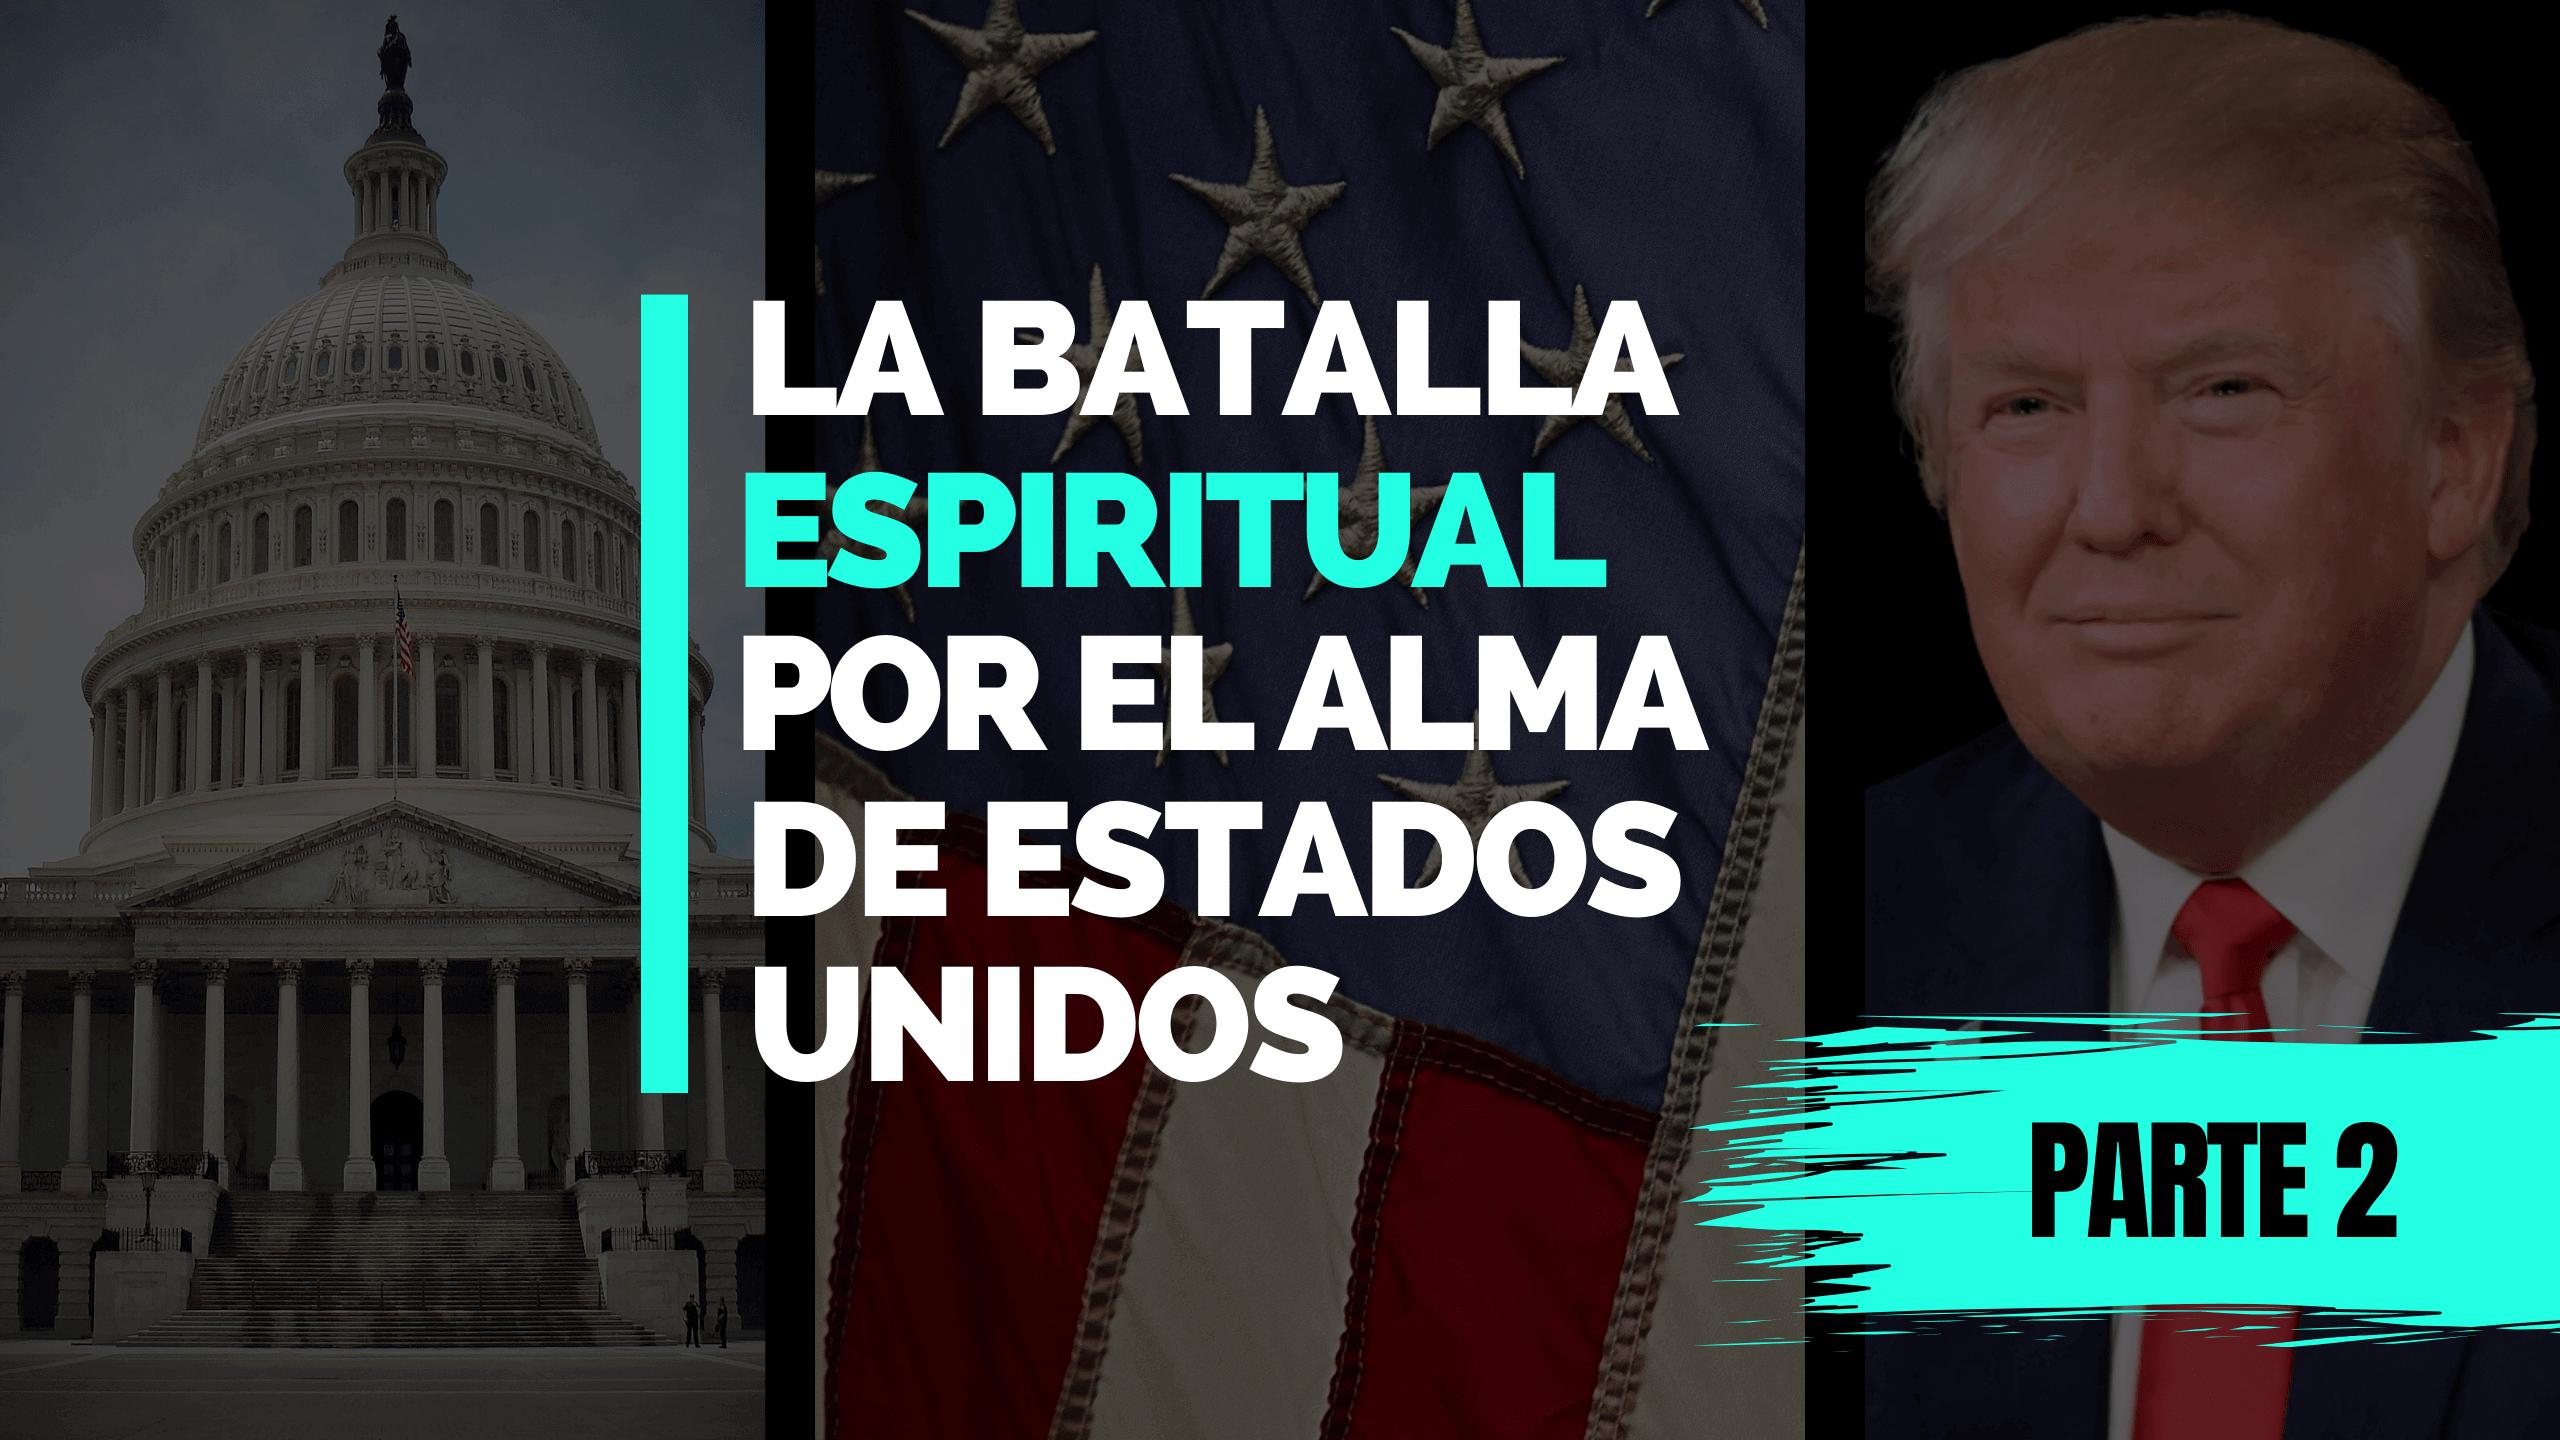 La batalla espiritual por el alma de los Estados Unidos (Parte 2)